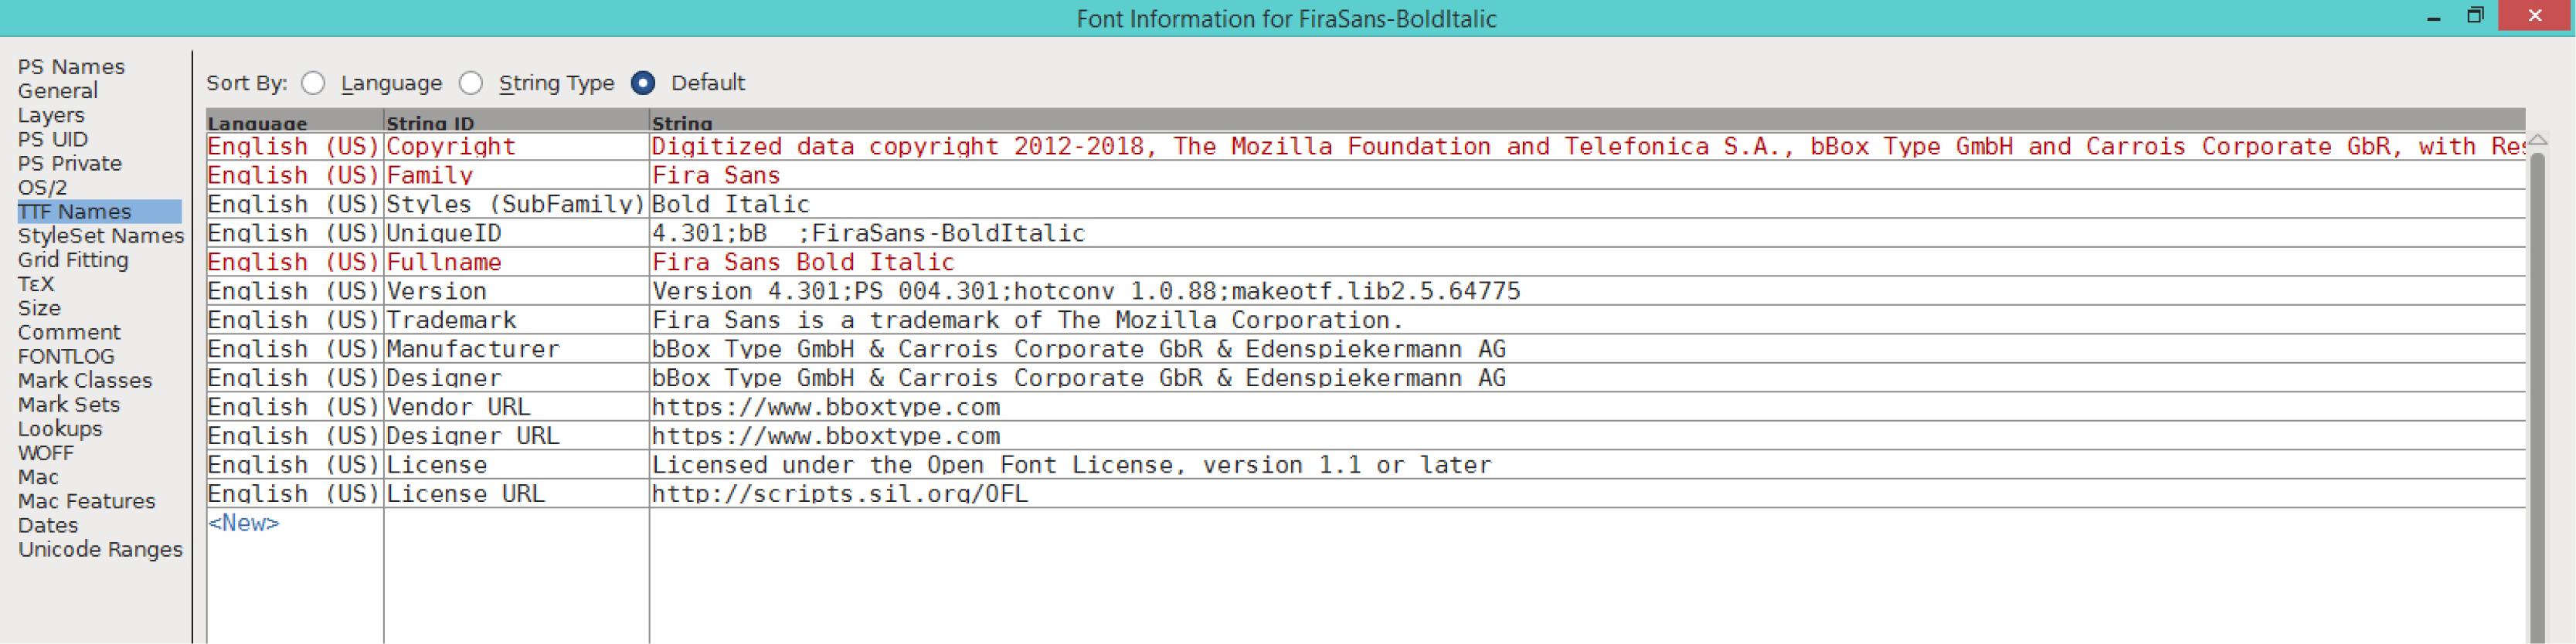 Fira Sans Bold Italic (TTF)